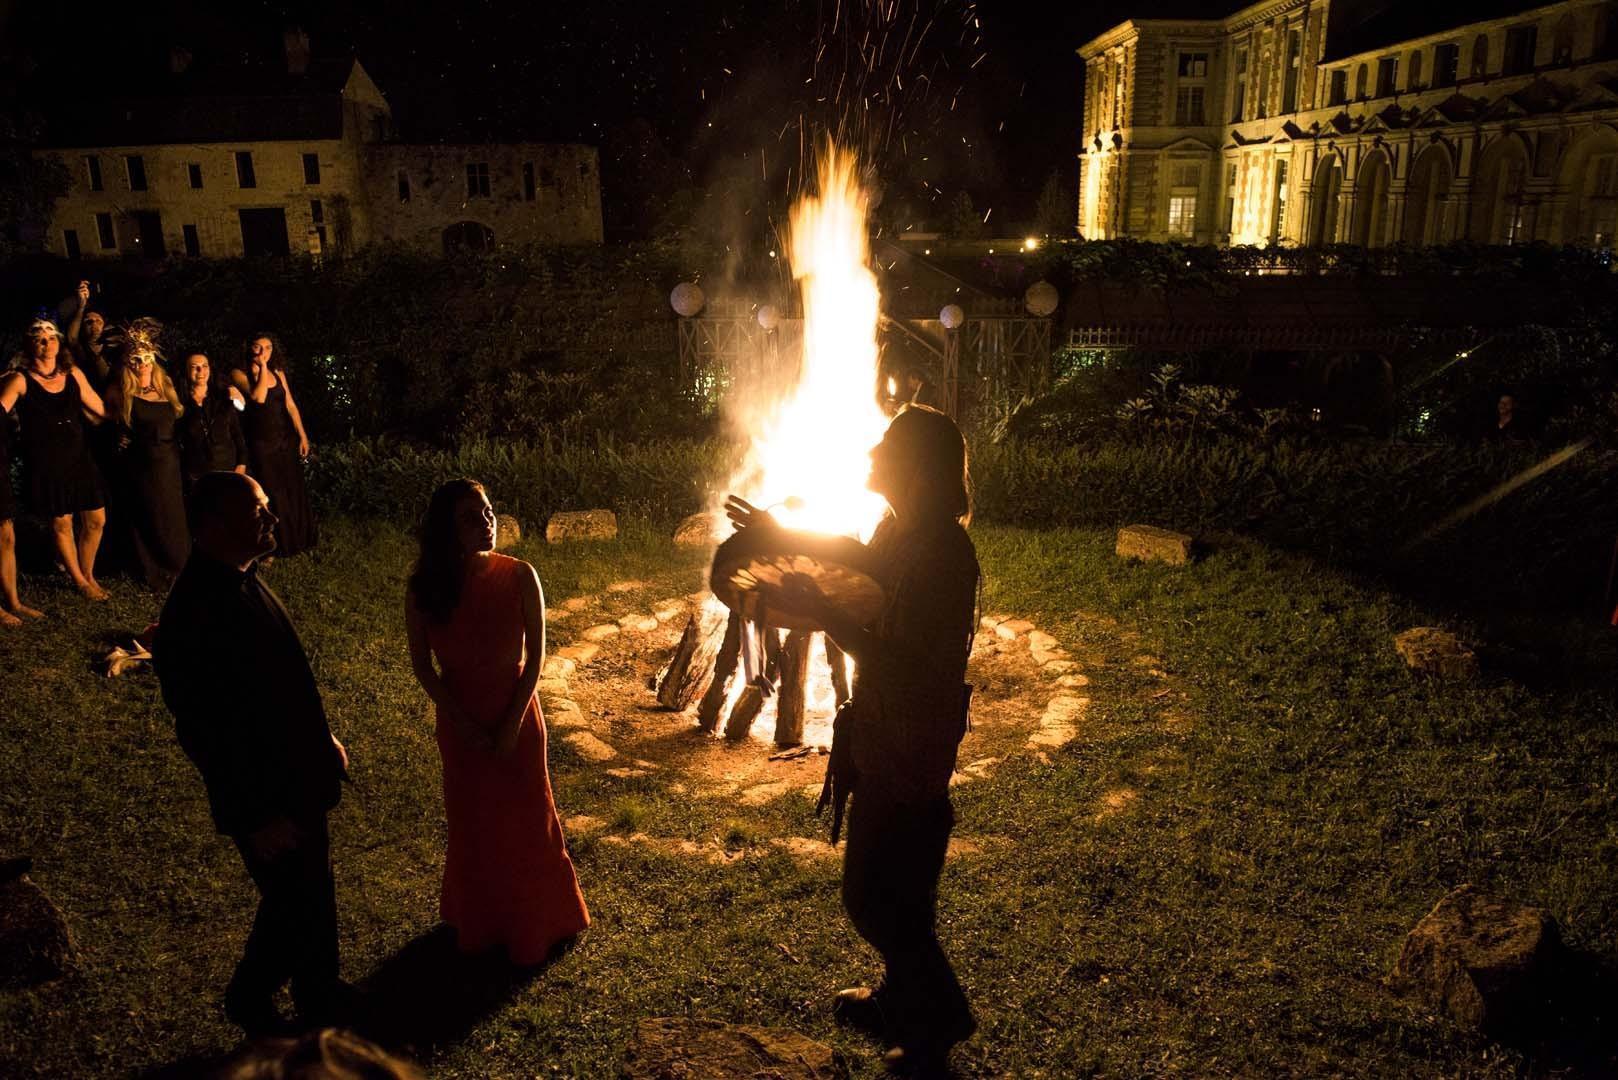 Lors du feu de la St Jean, le chaman appelle à l'harmonie avec la nature